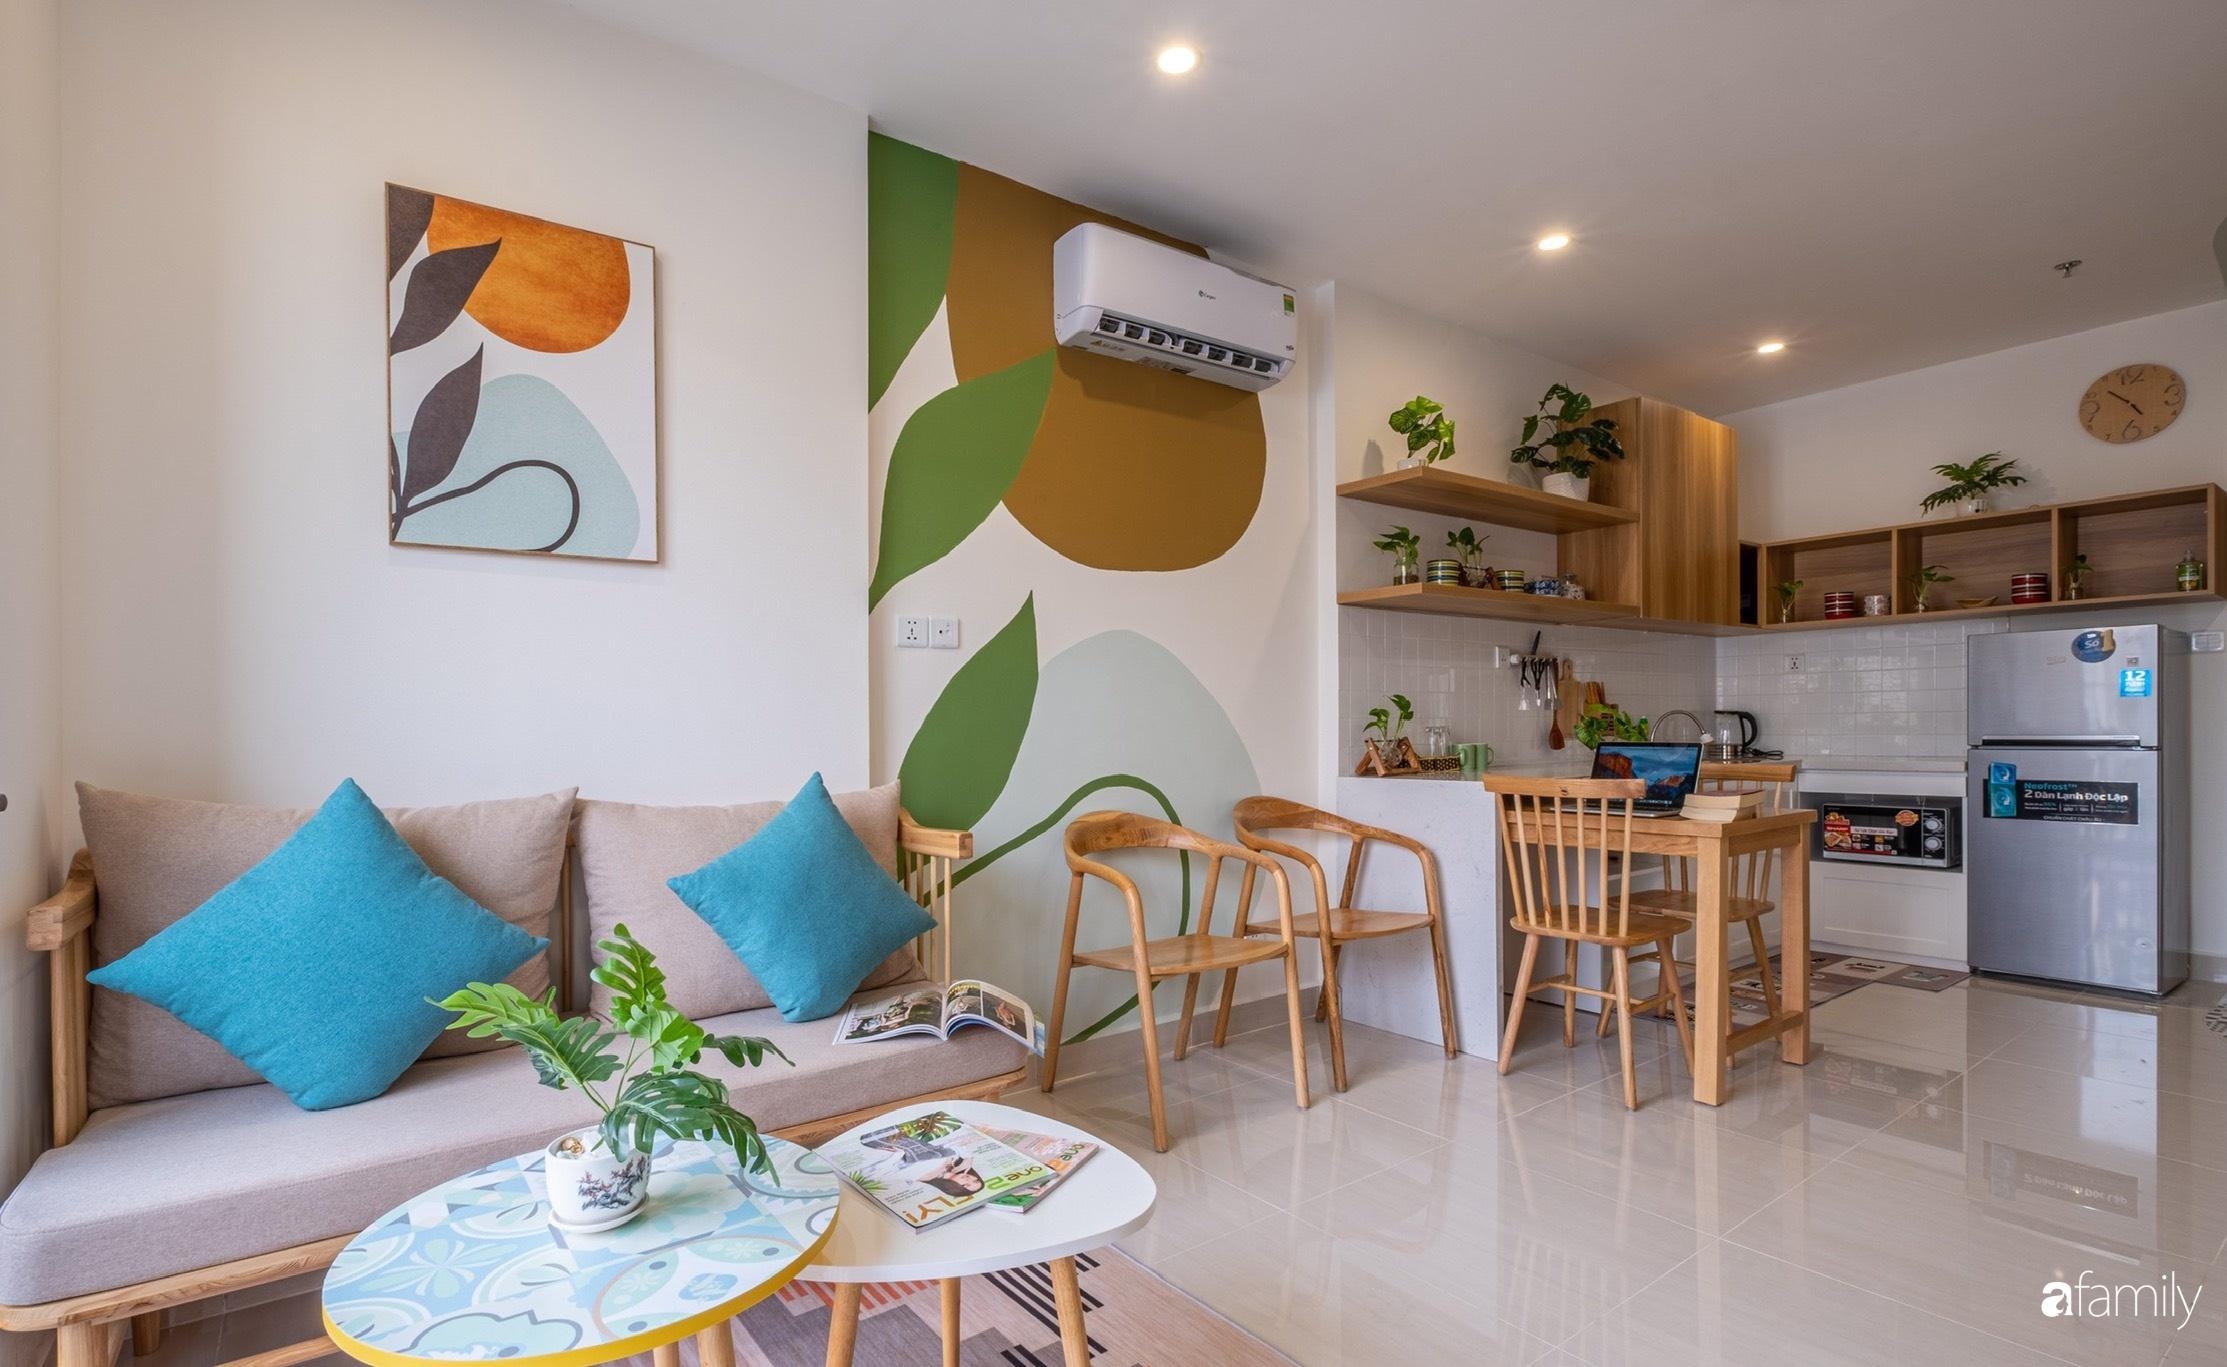 Căn hộ 40m² ở ngoại thành Hà Nội khiến ai ngắm nhìn cũng xuýt xoa vì đẹp có chi phí hoàn thiện 70 triệu đồng - Ảnh 3.